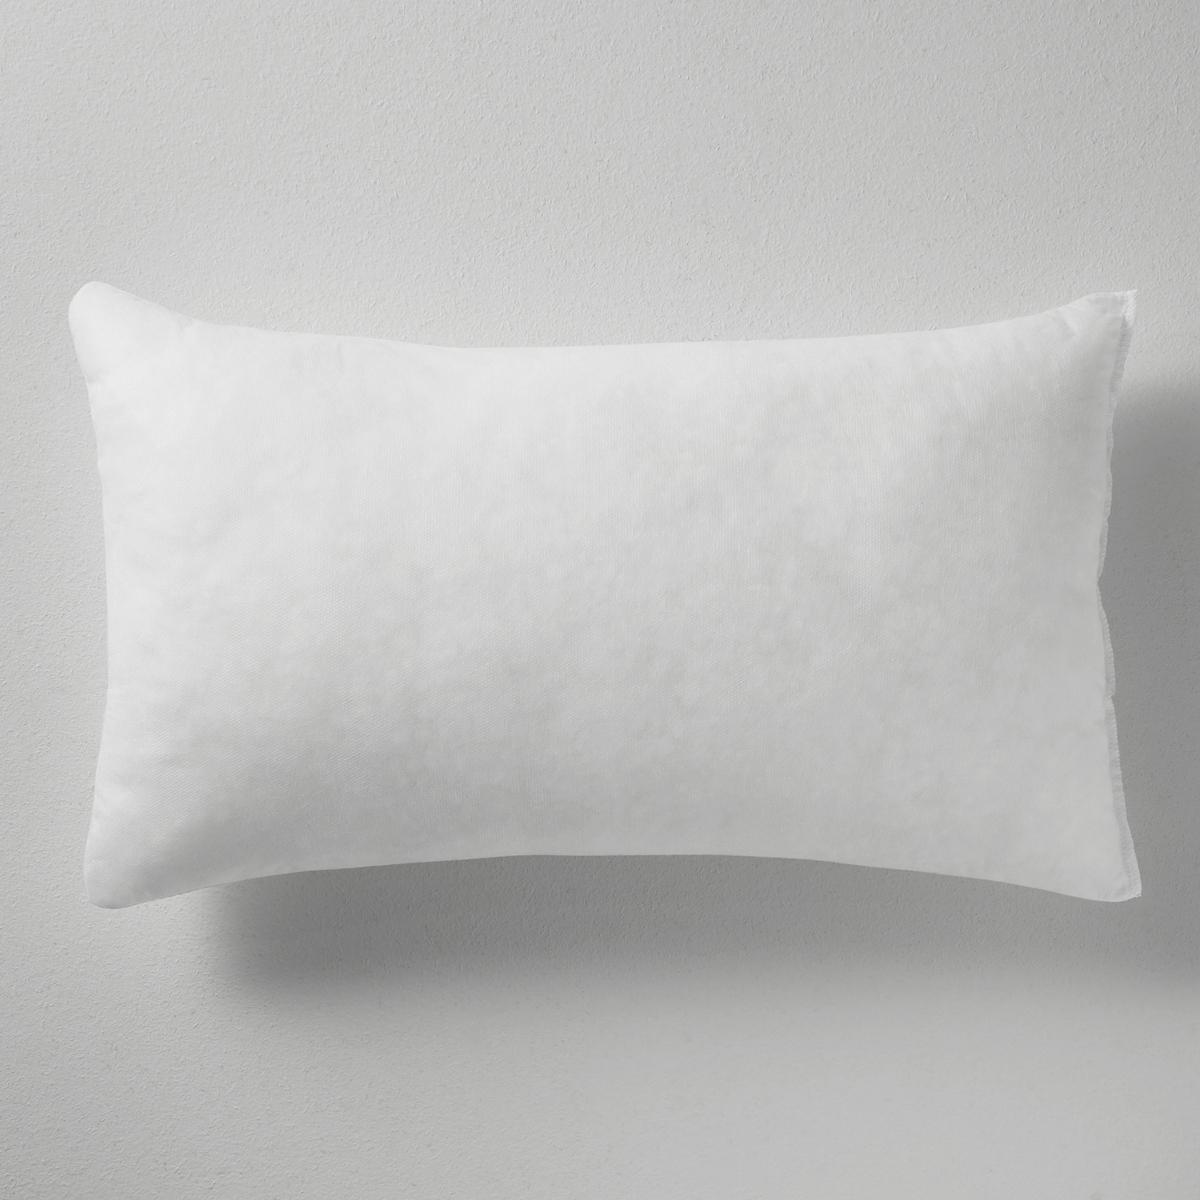 Подушка с синтетическим наполнителем InМатериал :  - Поверхность из тканого материала 100% полипропилена.  - Наполнитель из 100% переработанного полиэстера.<br><br>Цвет: белый